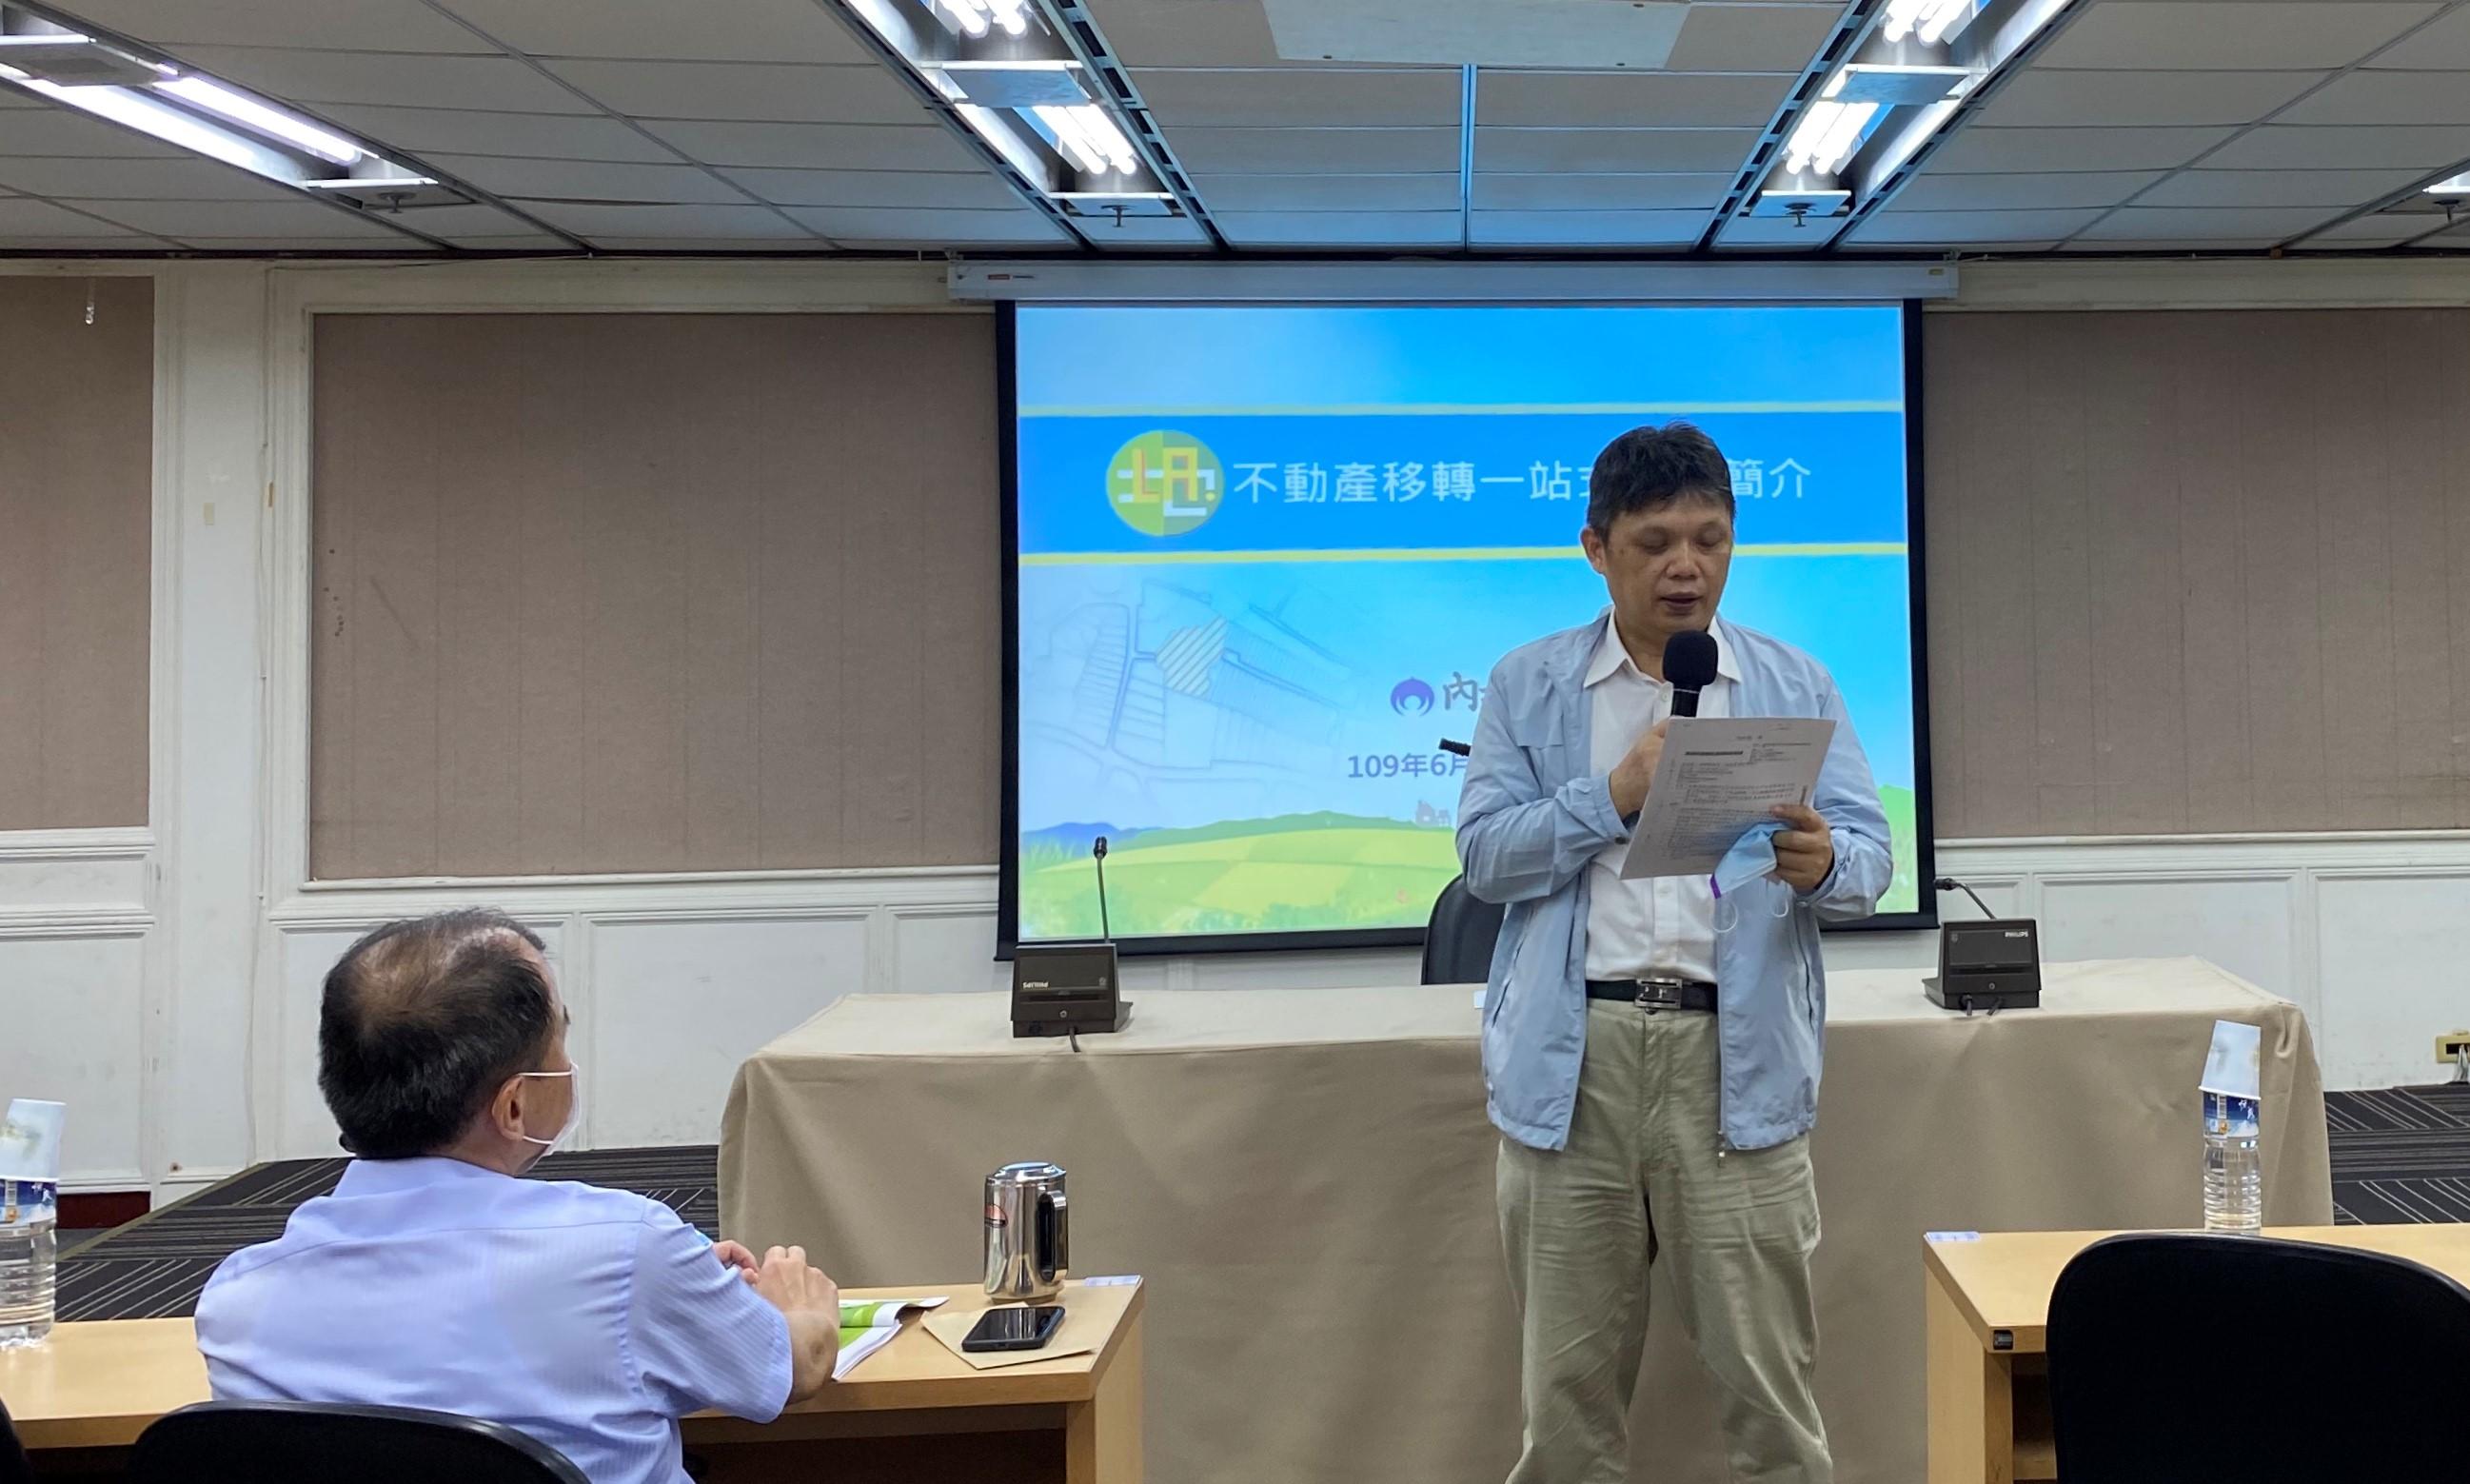 台北場地政司陳永志科長介紹與會者及進行流程